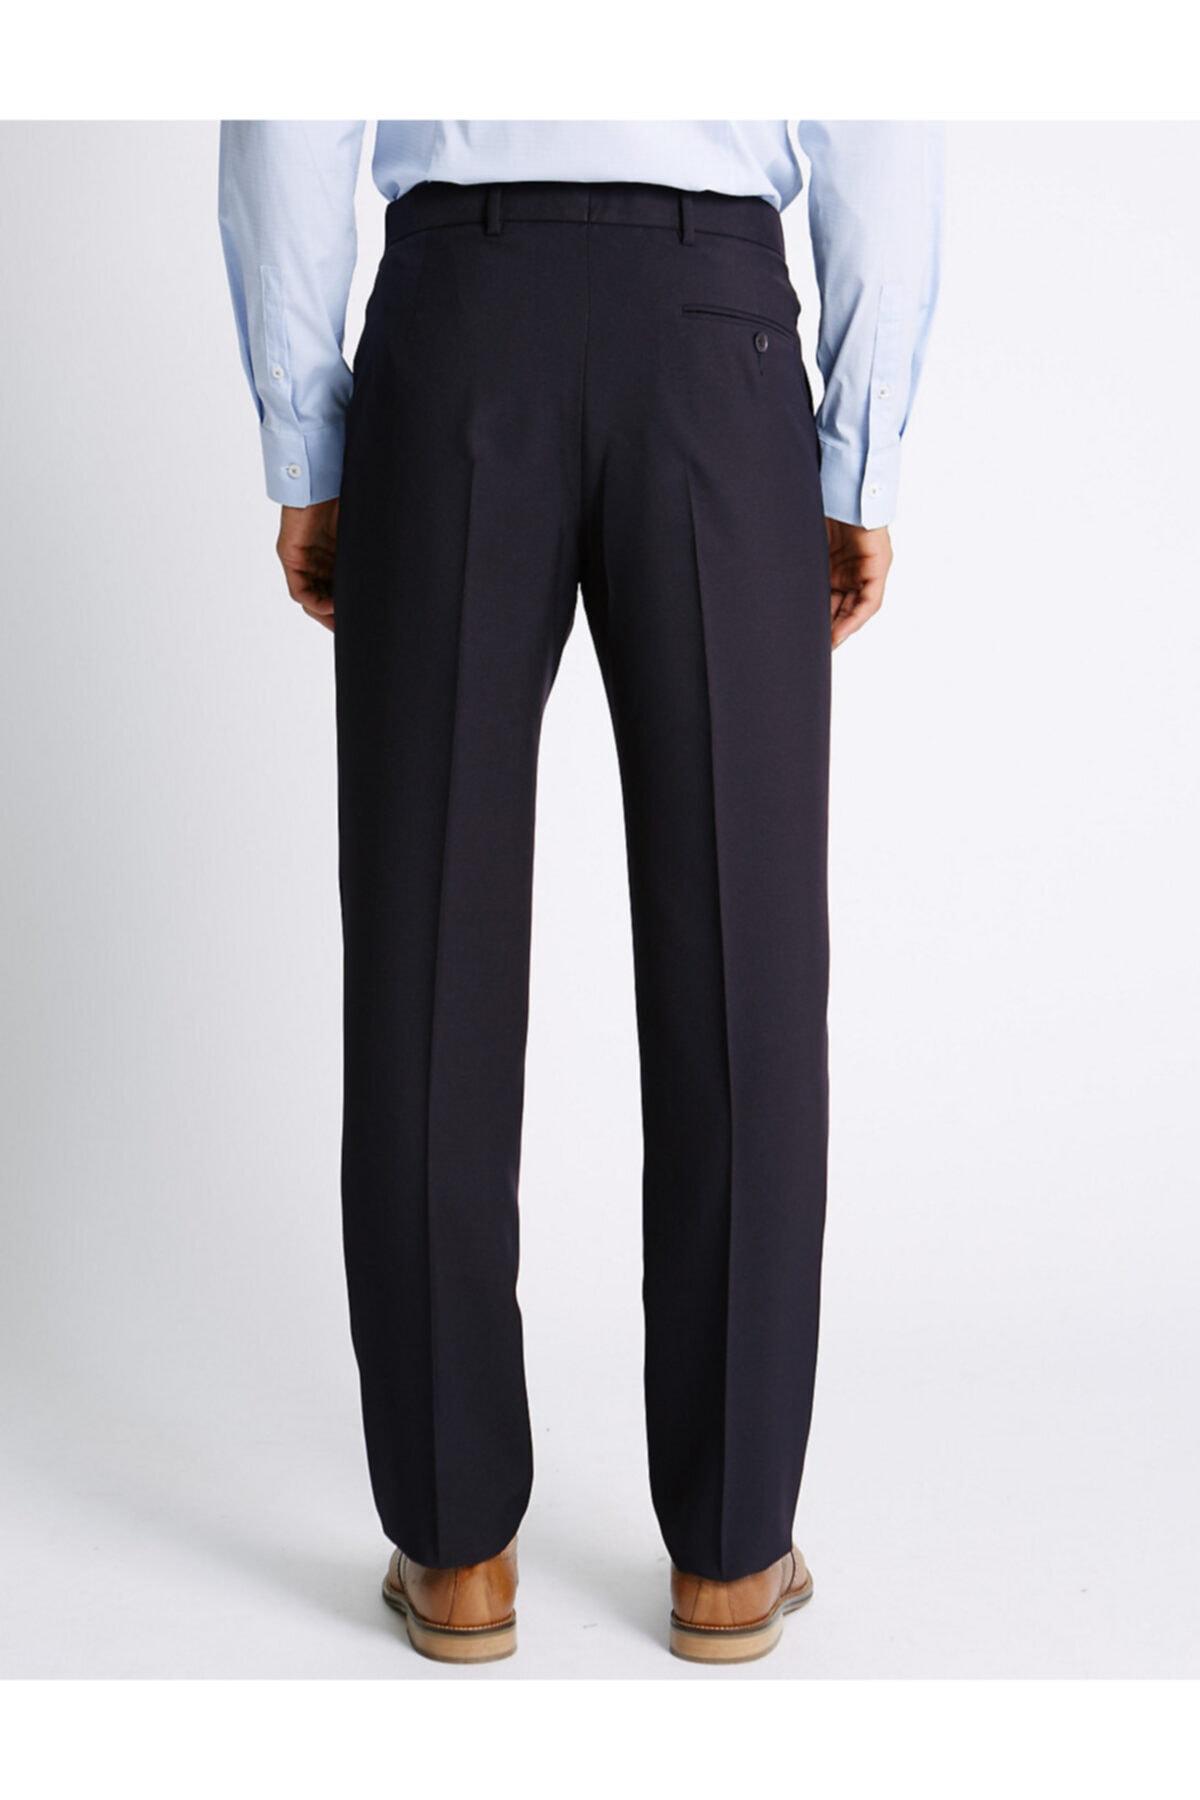 Marks & Spencer Regular Fit Pantolon 2